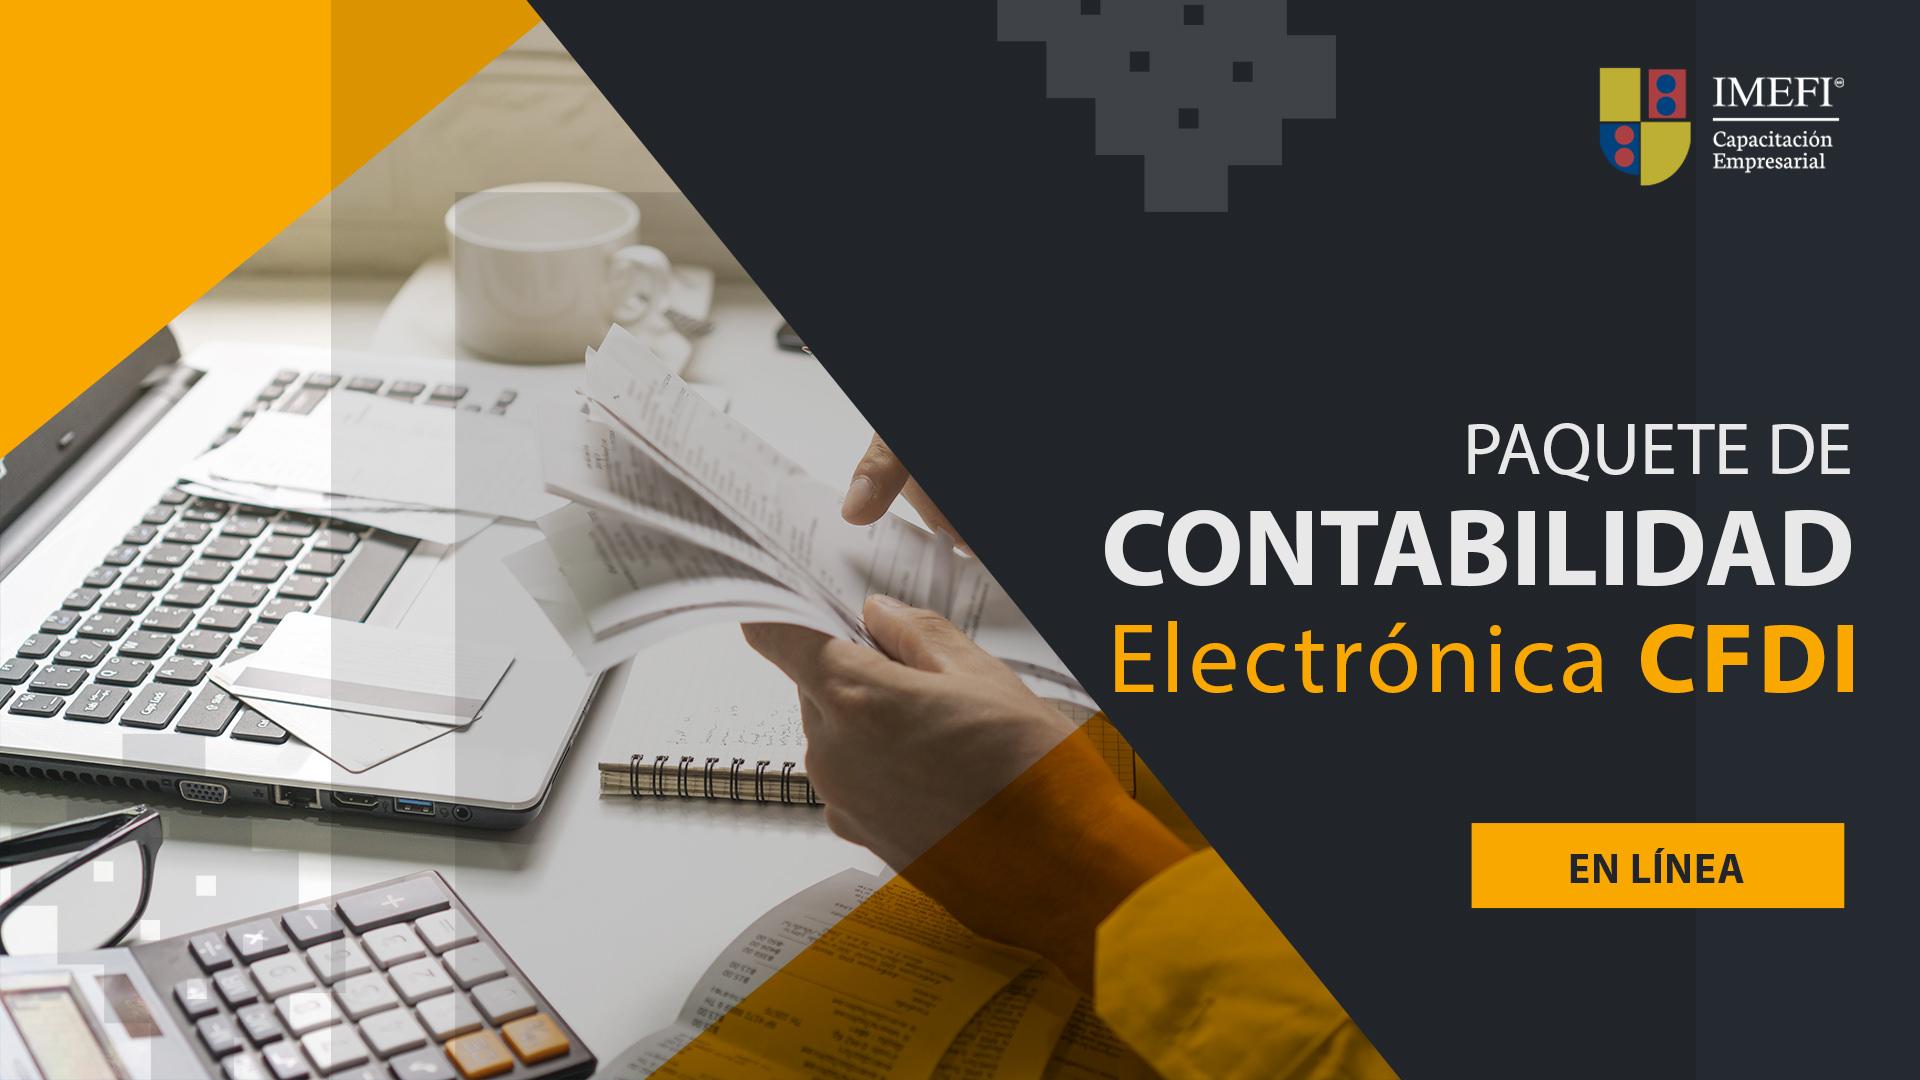 paquete contabilidad electronica